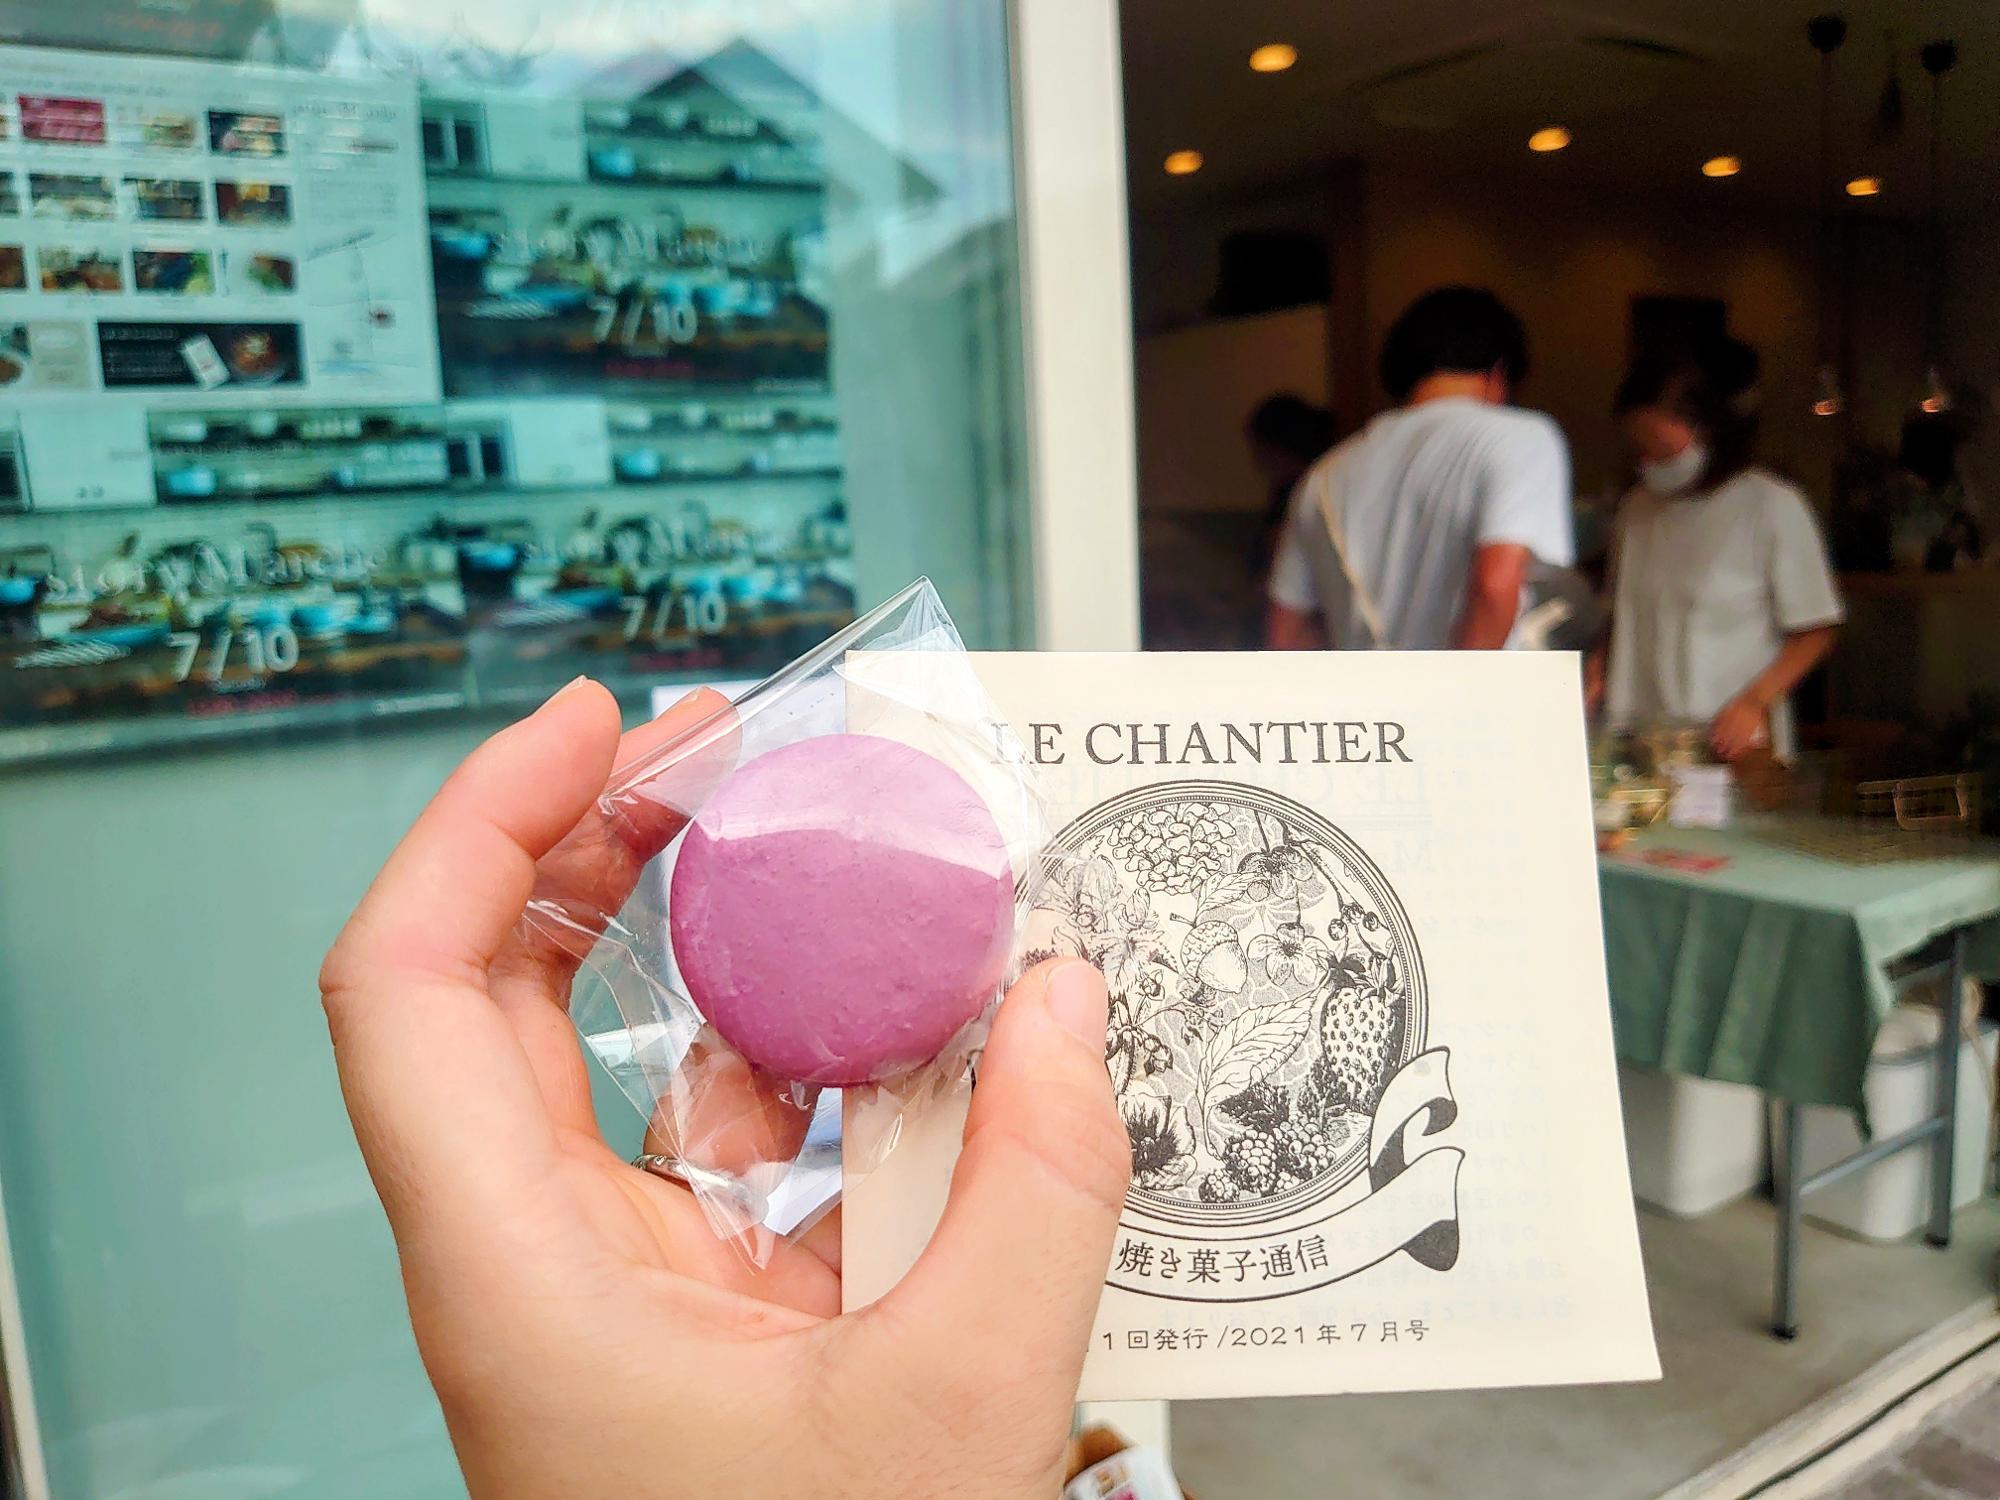 香川にお店があるル・シャンティエ